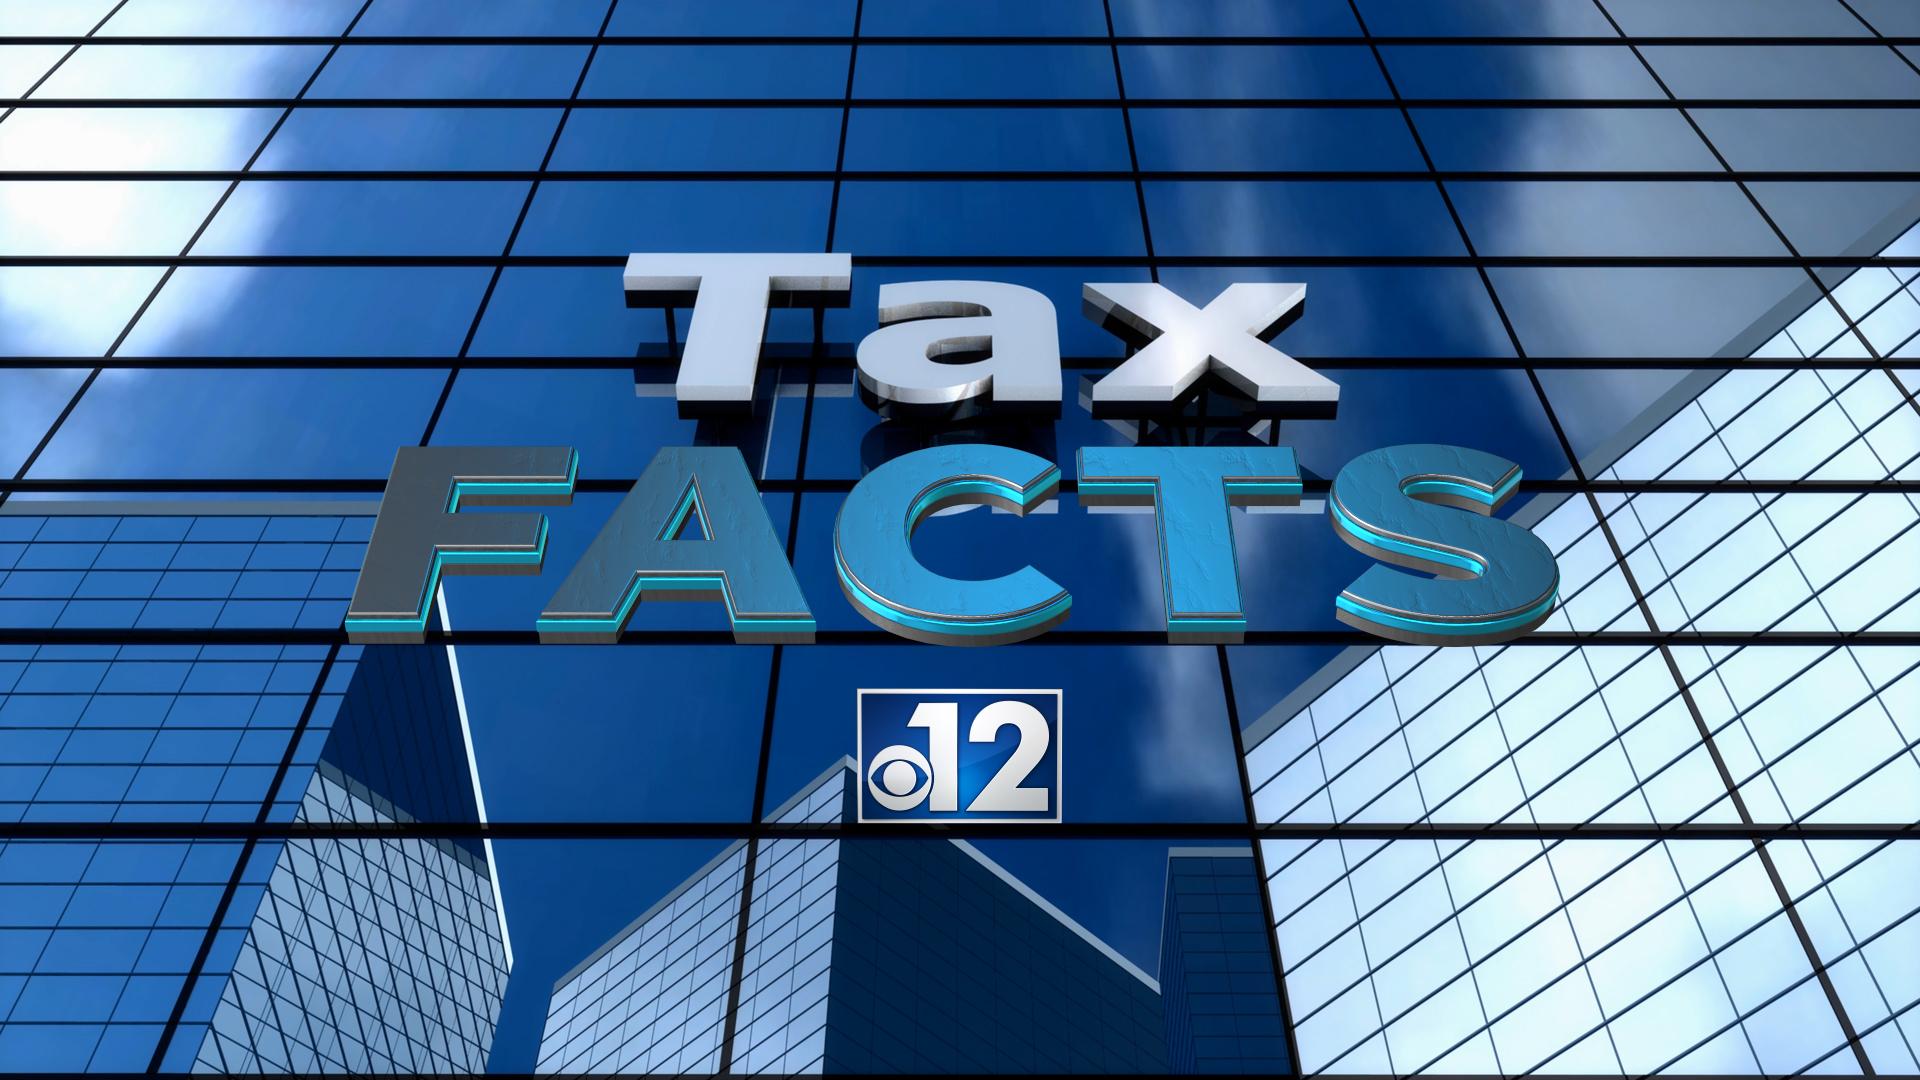 Tax Fax 12 STILL Rob is dumb version_1551464058872.jpg.jpg